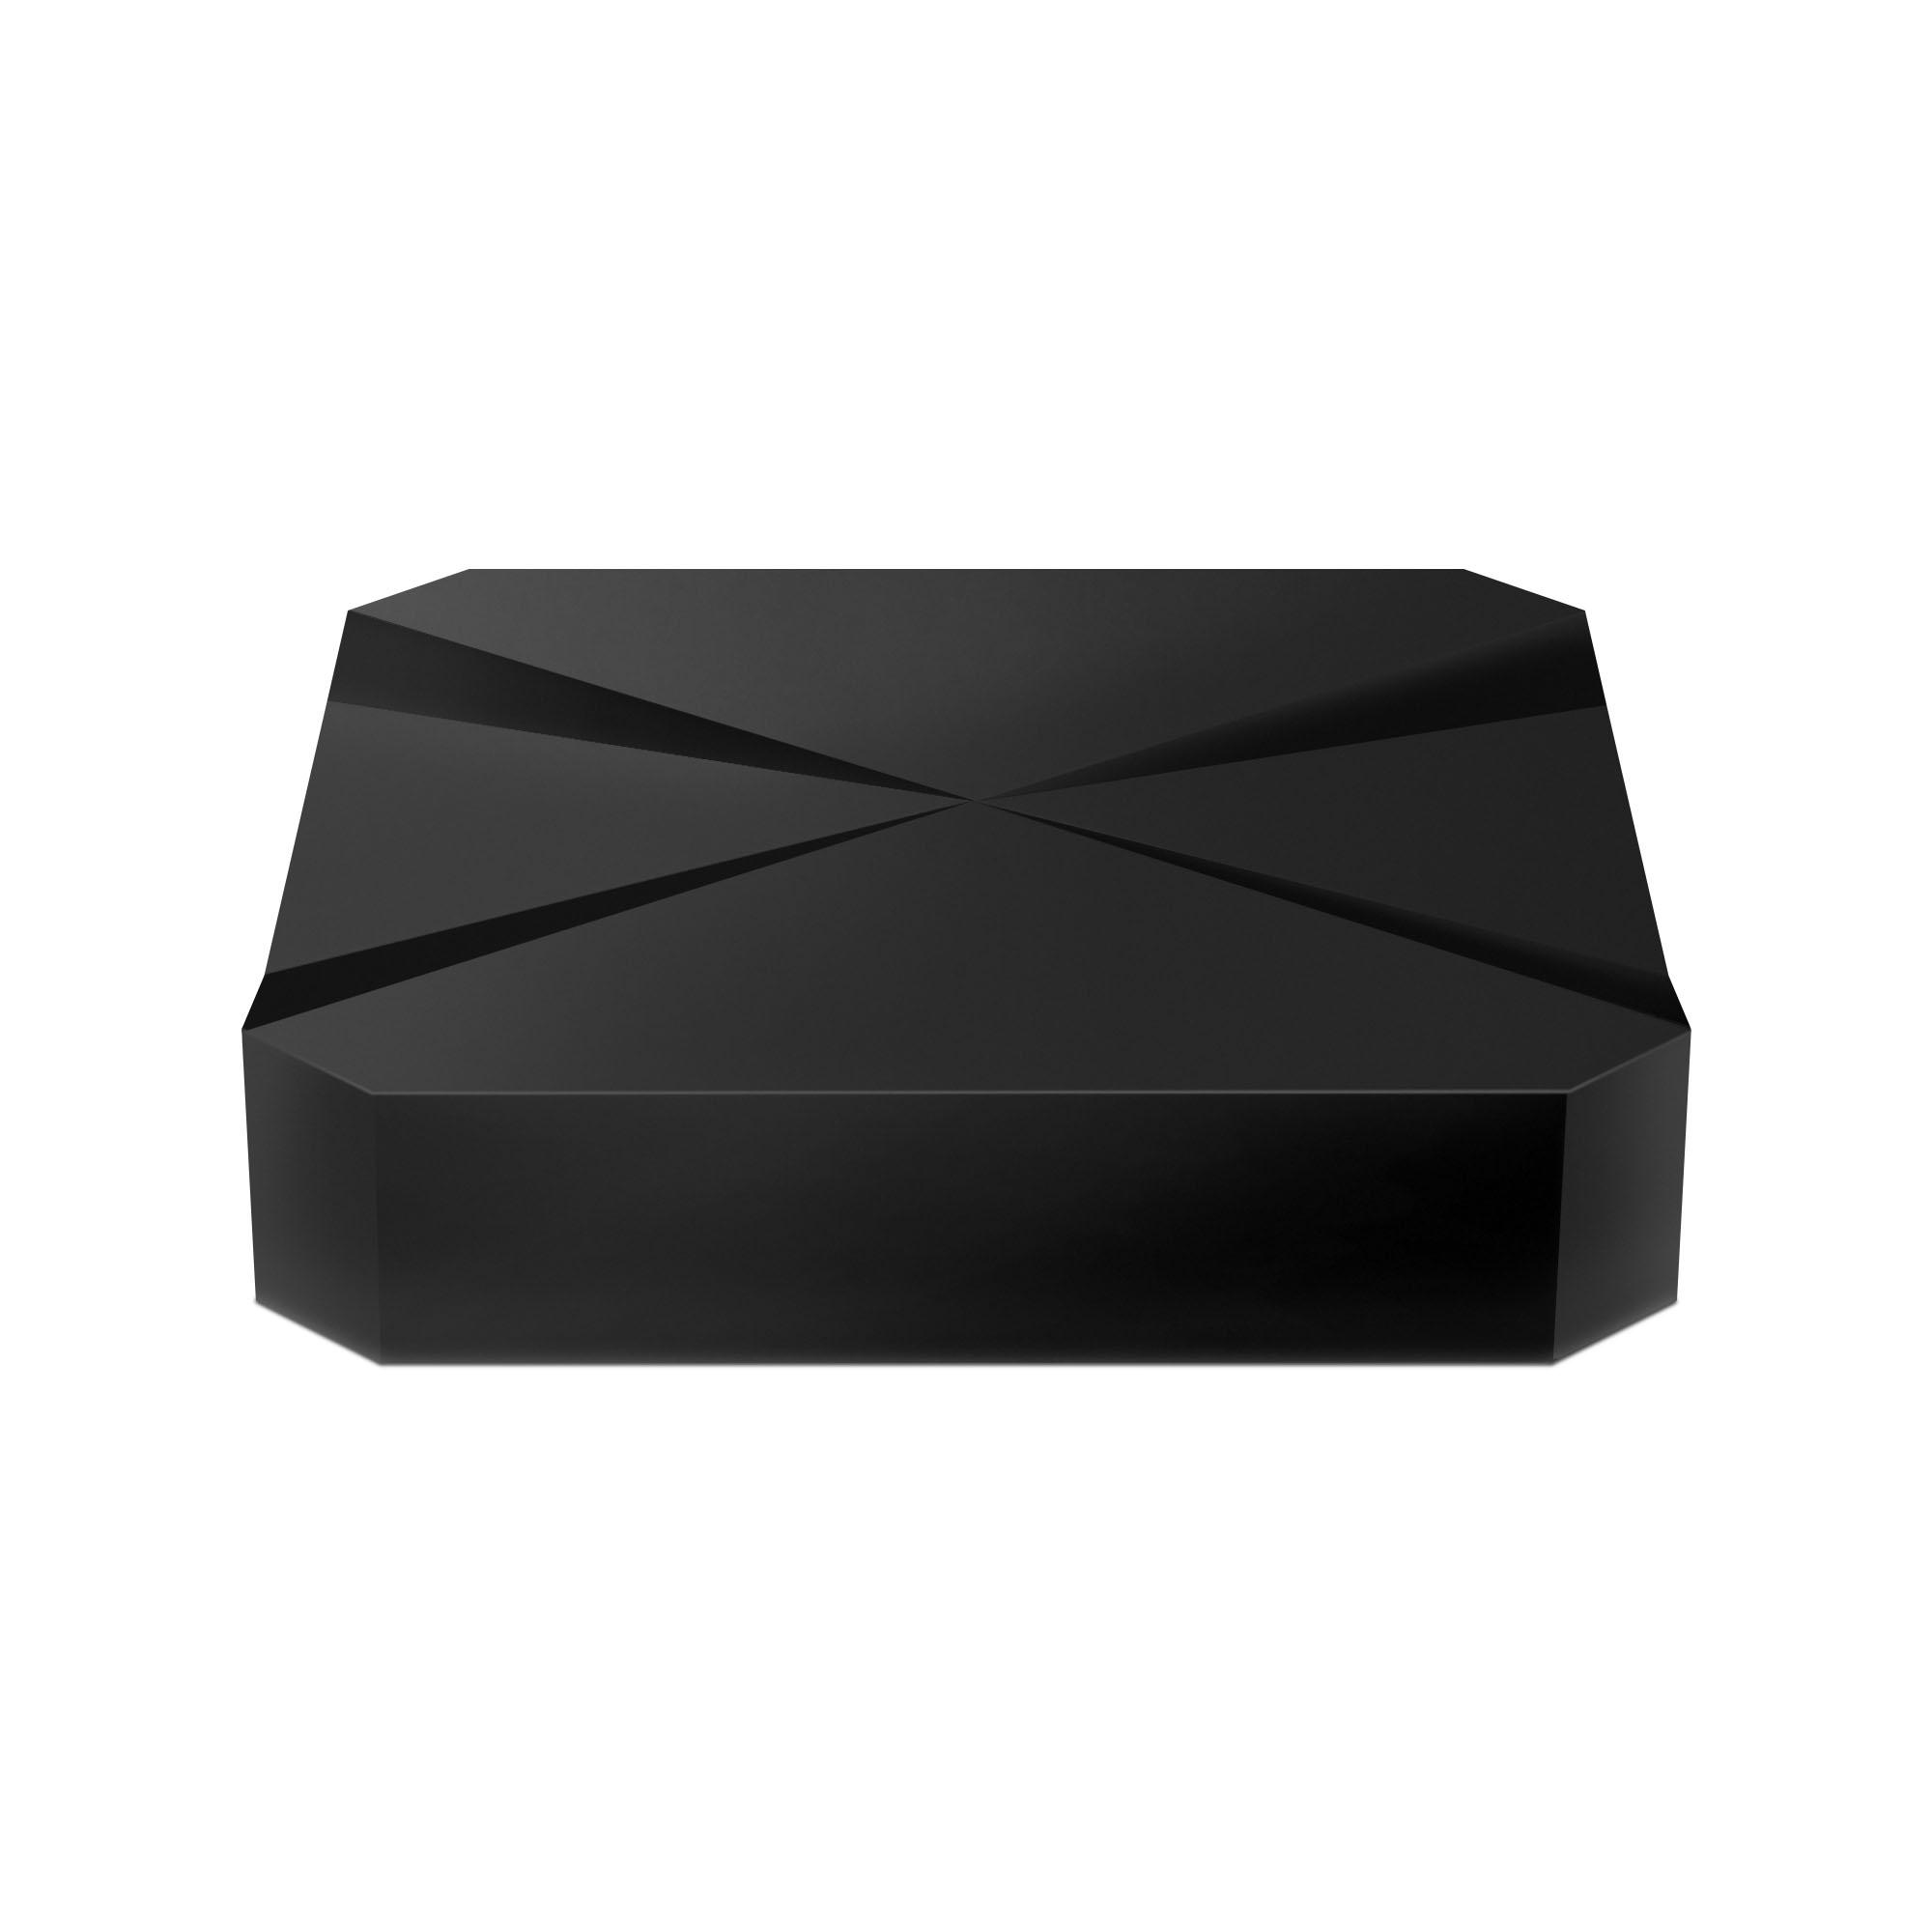 Rombica Smart Box v007